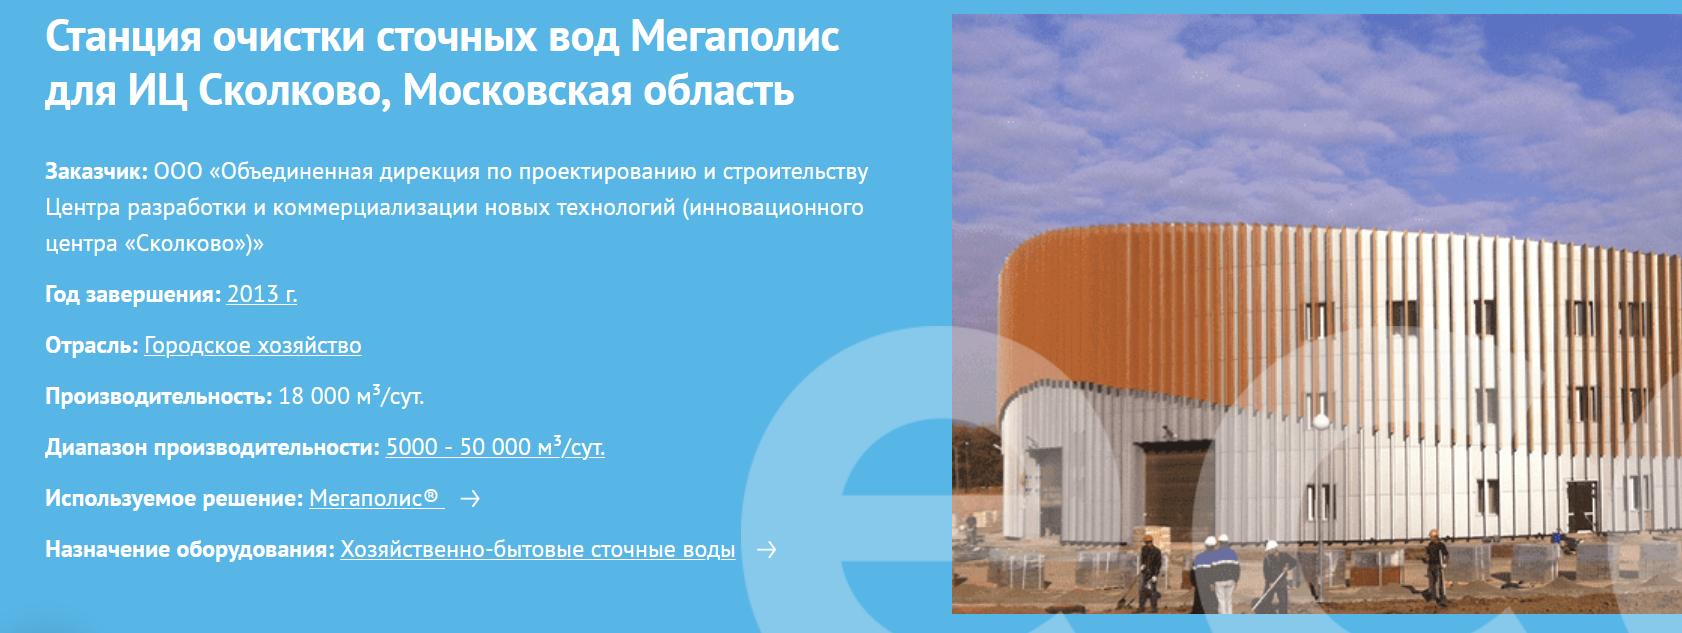 Станция очистки сточных вод Мегаполис для ИЦ Сколково, Московская область